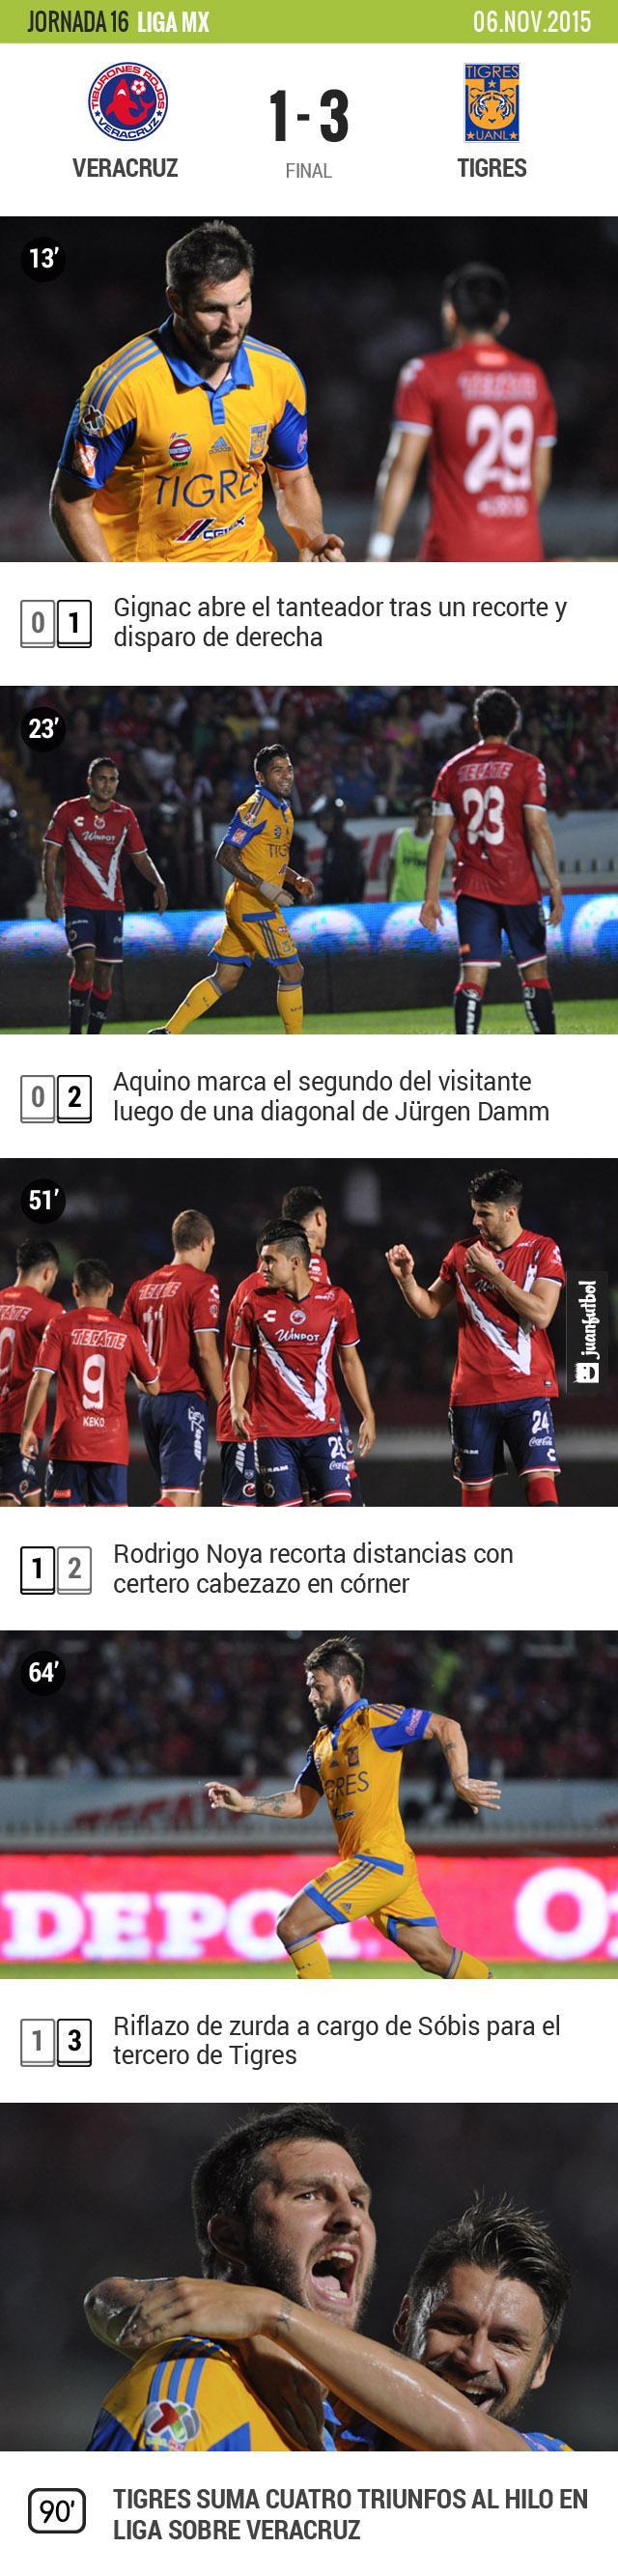 Tigres venció 3-1 al Tiburón